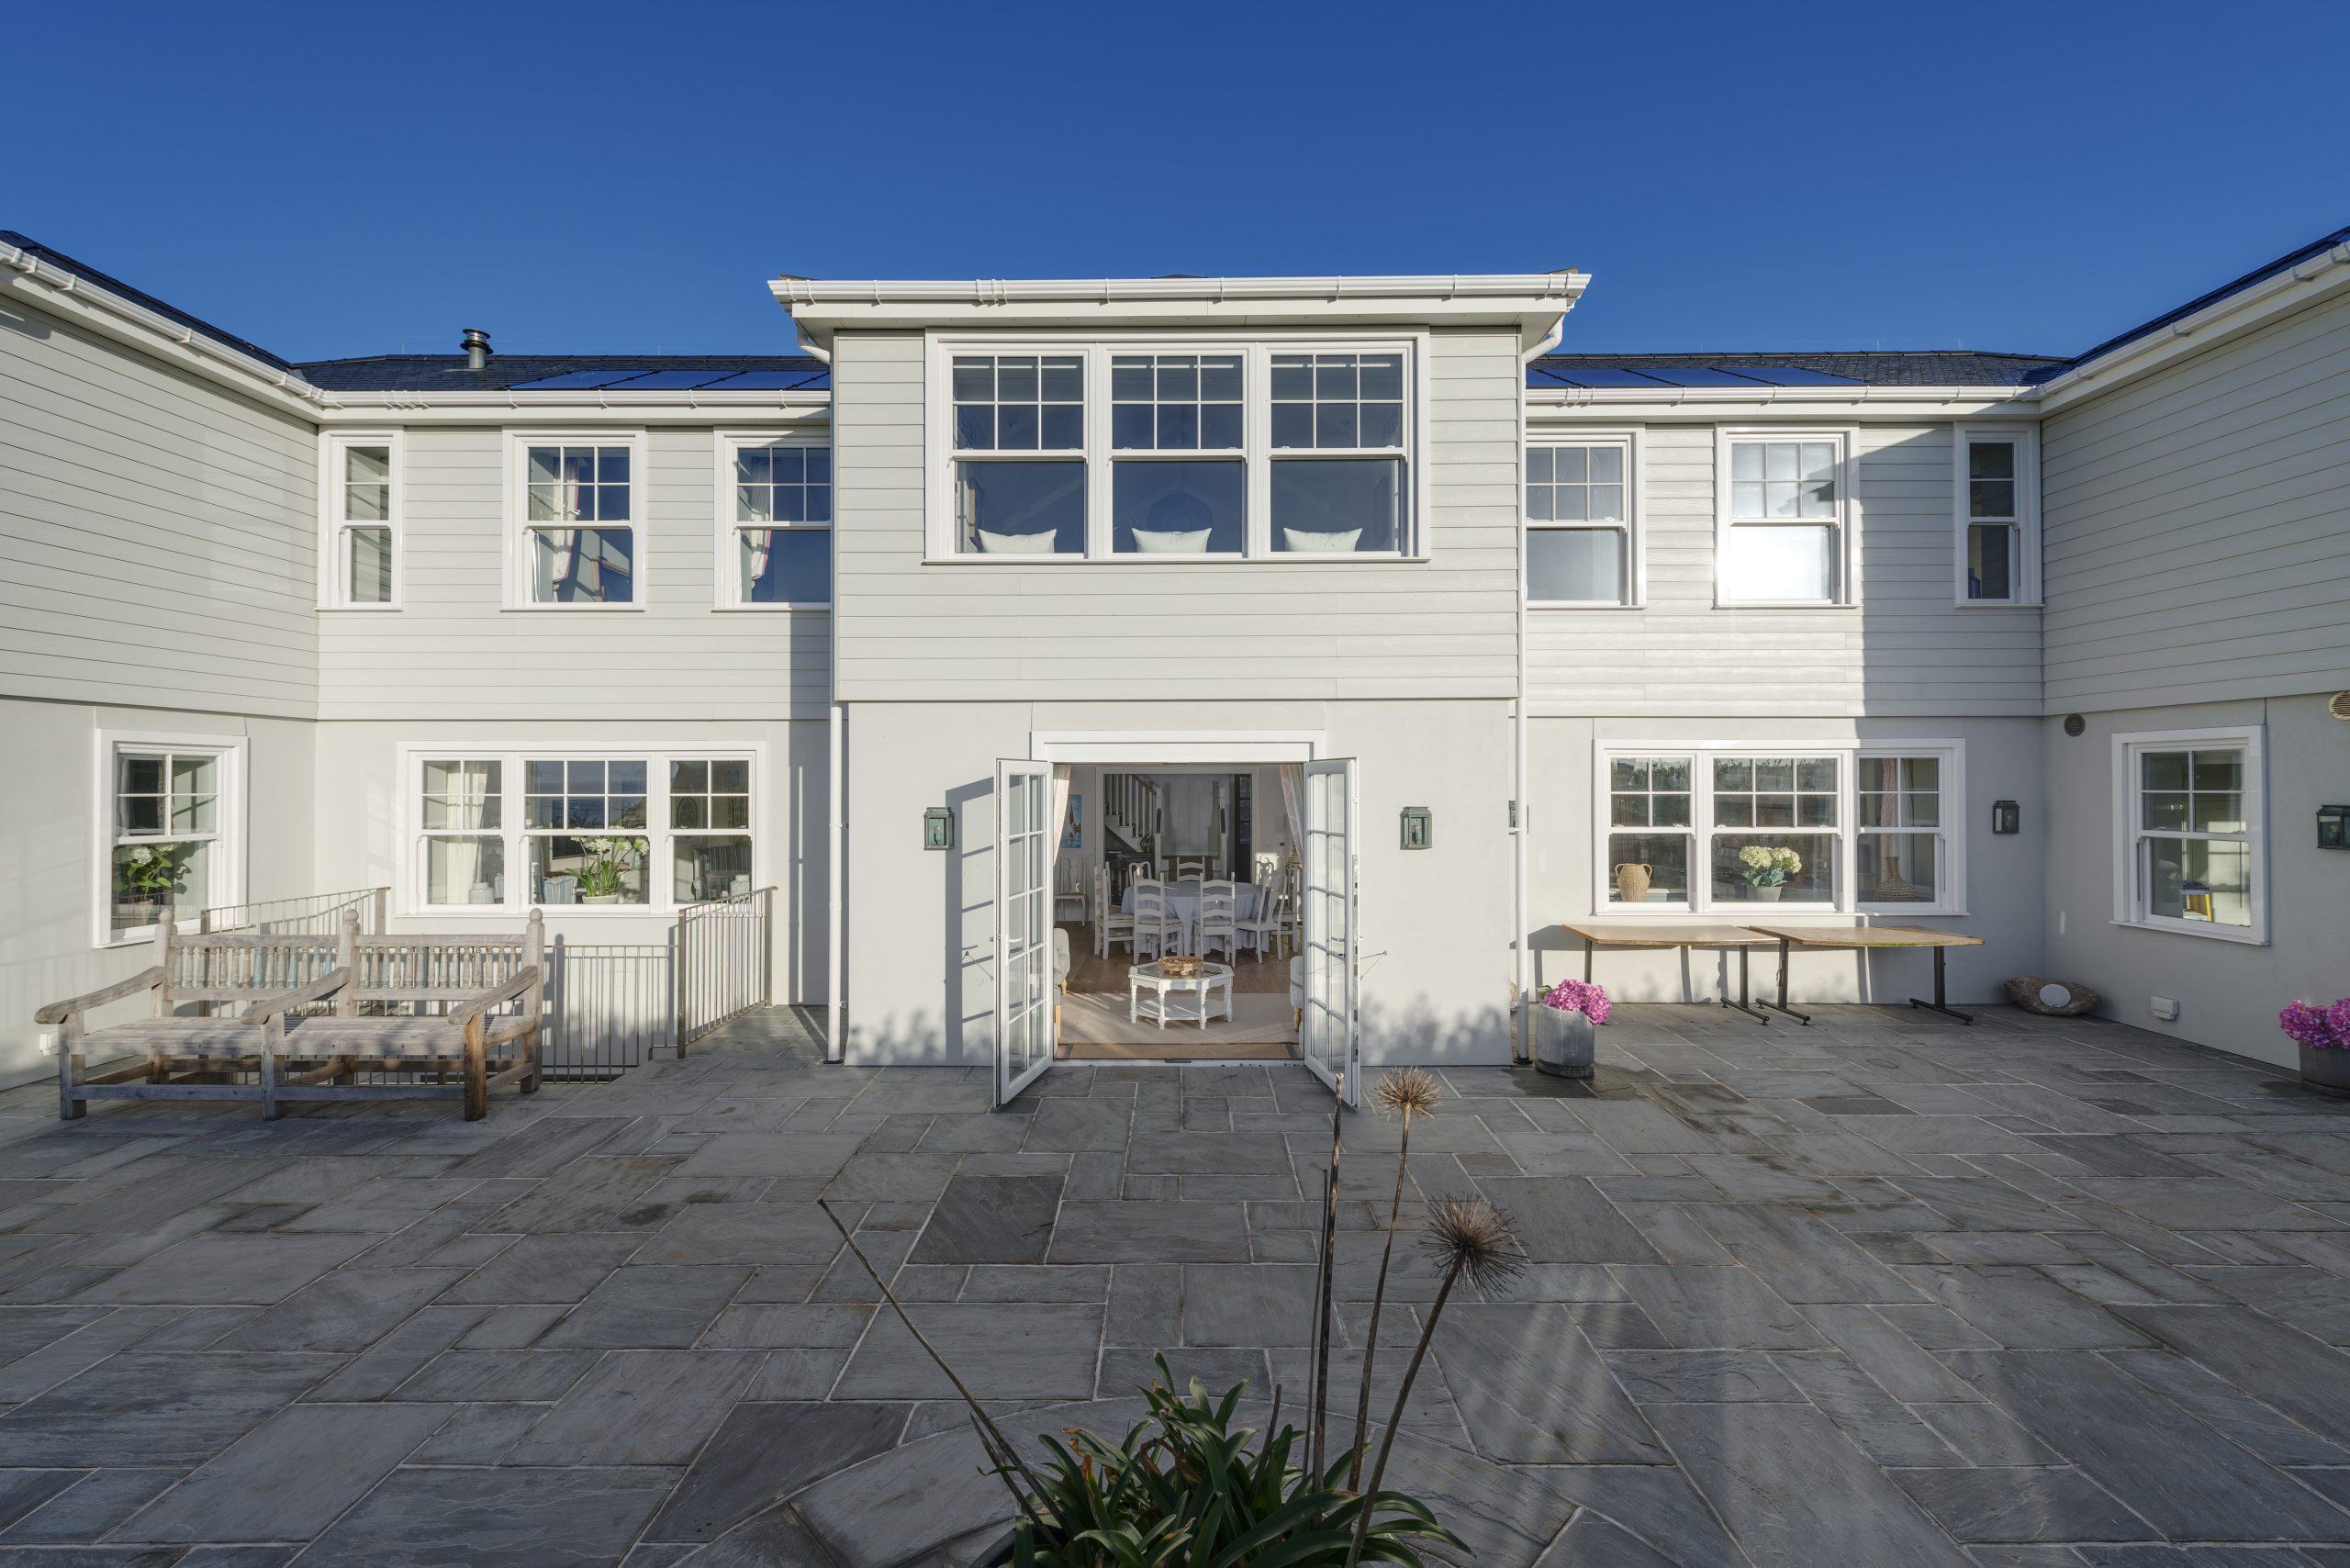 Thurlestone Family Residence New Build